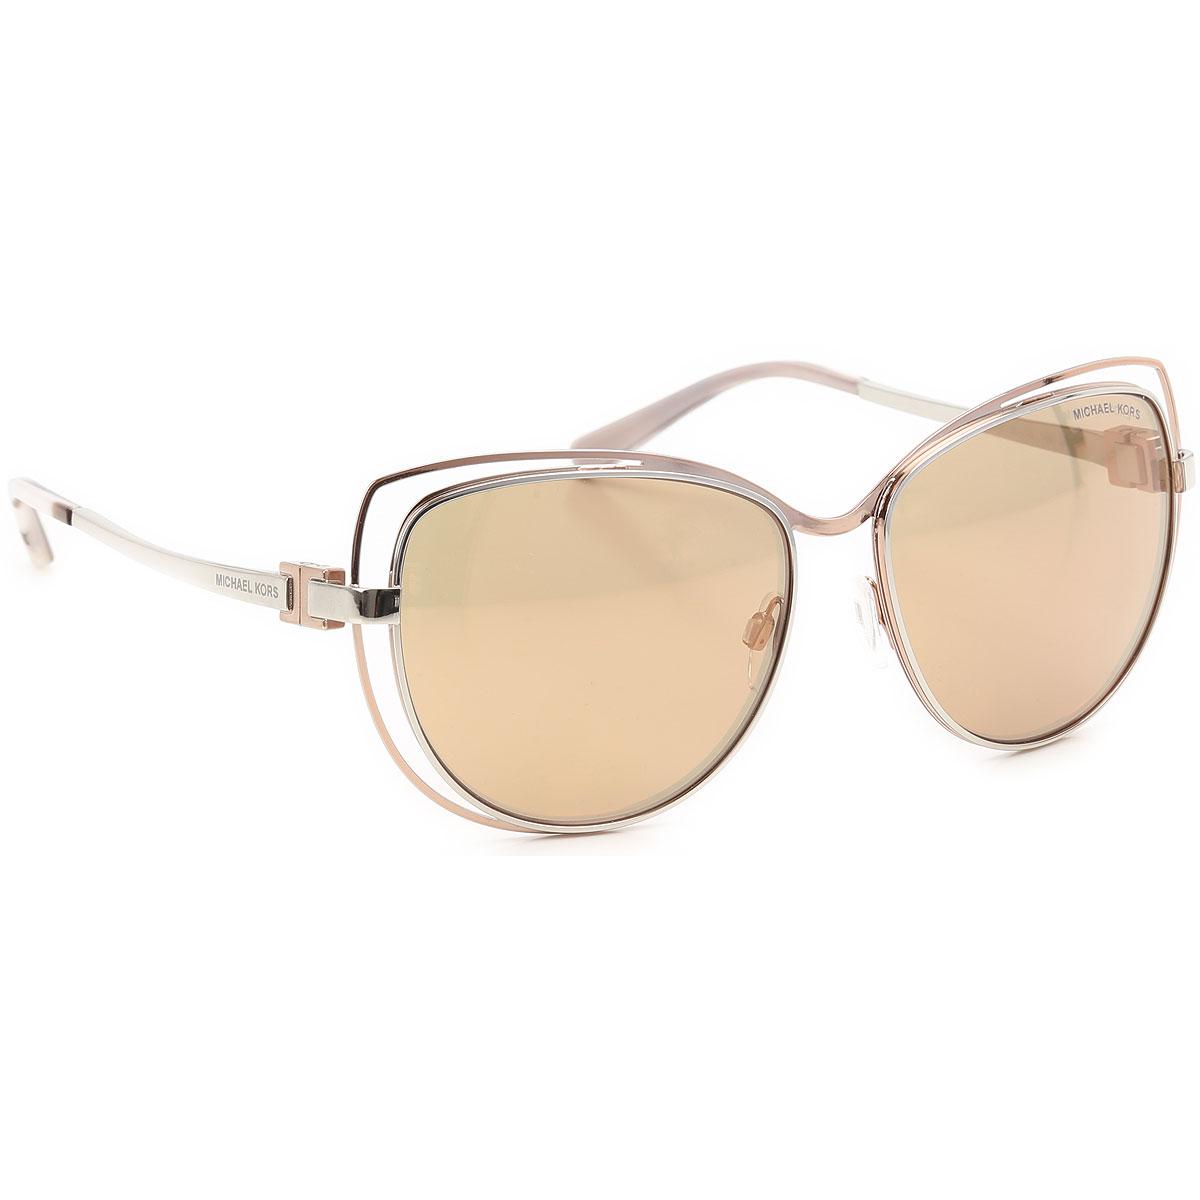 lunettes de soleil michael kors code produit mk1013 audrinai 1121r1. Black Bedroom Furniture Sets. Home Design Ideas